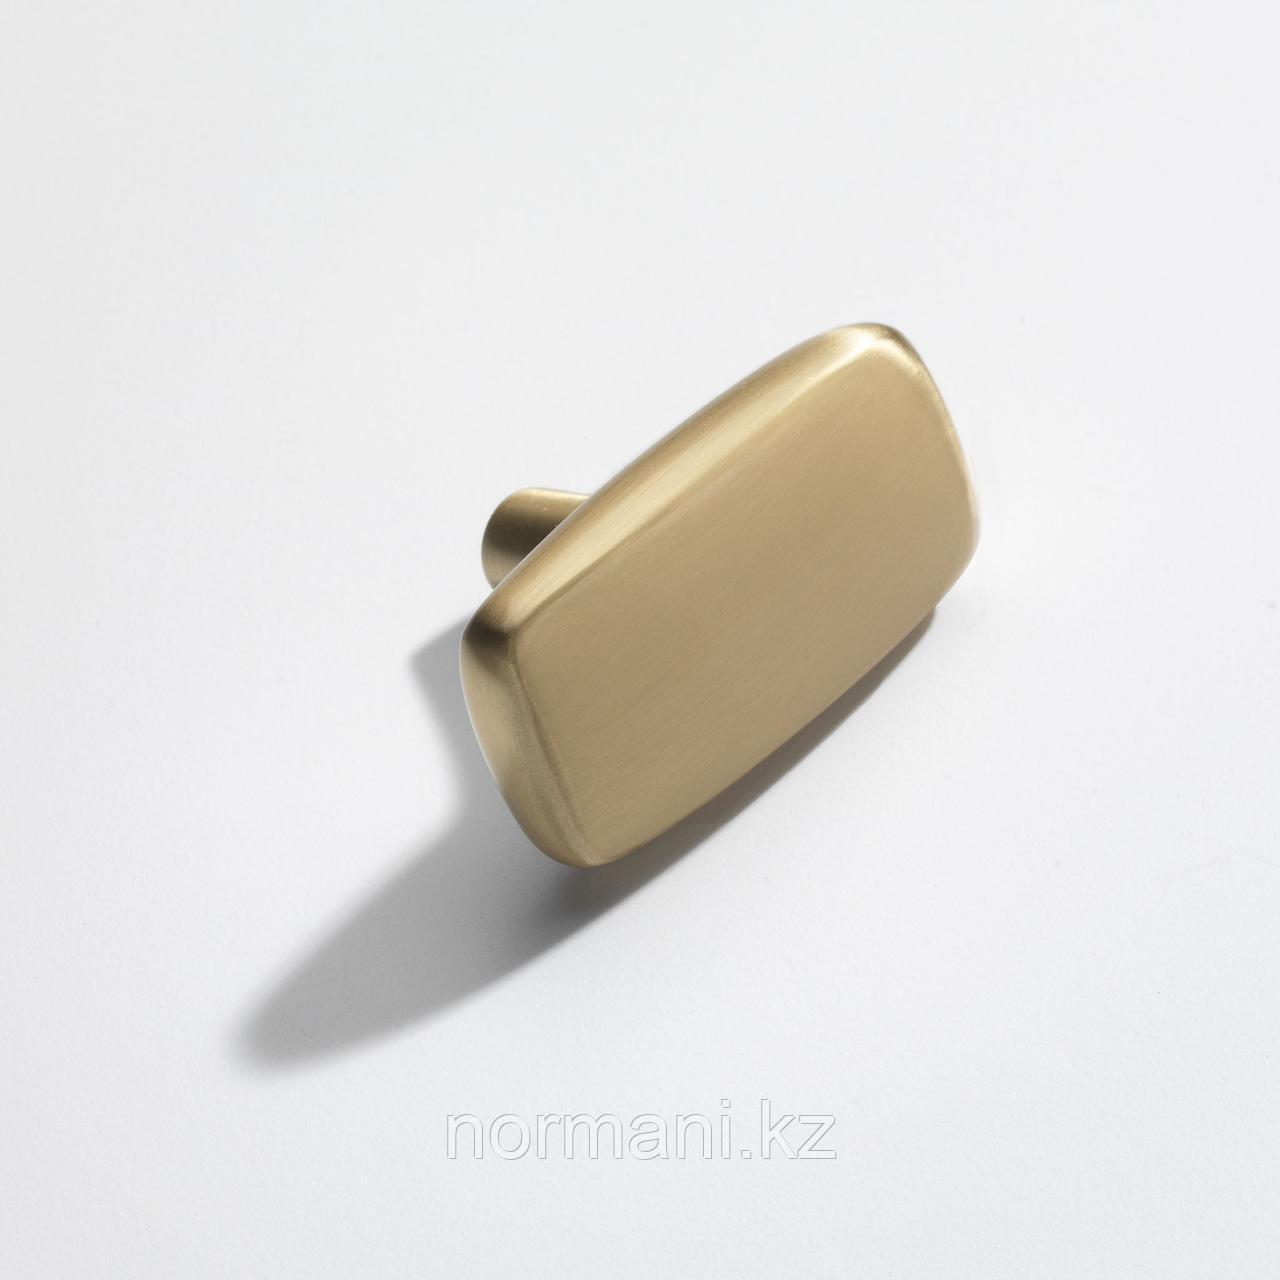 Ручка кнопка L.54, отделка золото матовое